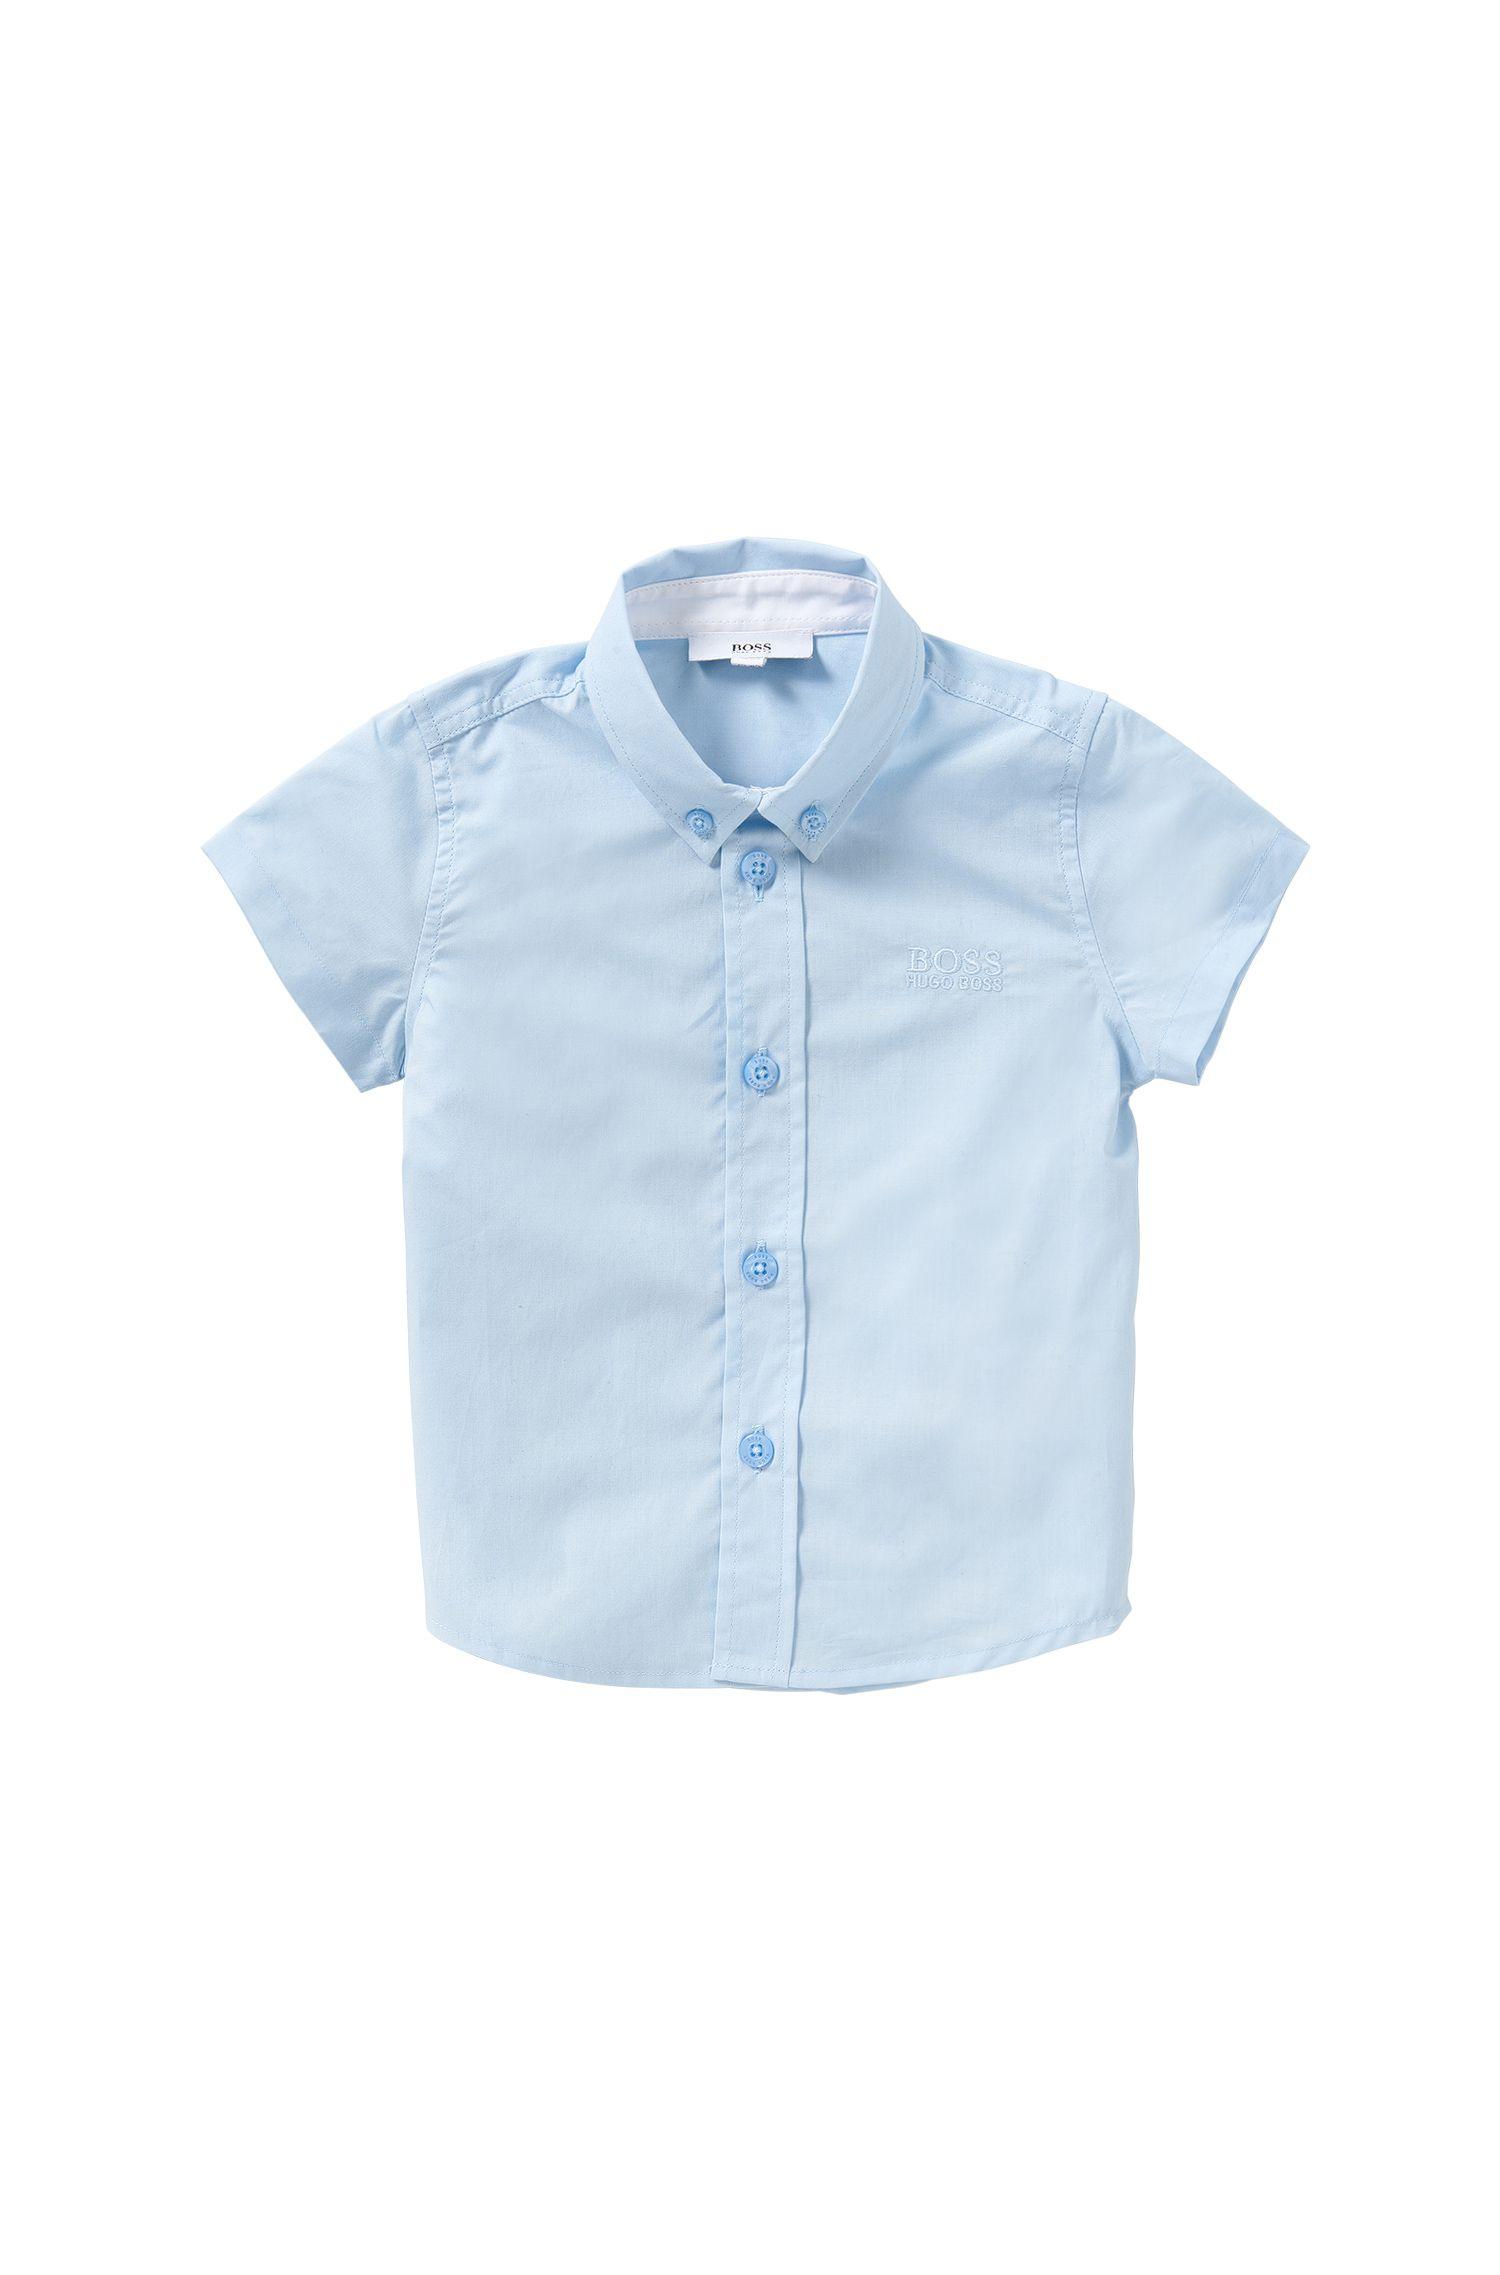 Babyhemd van katoen met korte mouwen: 'J05463'